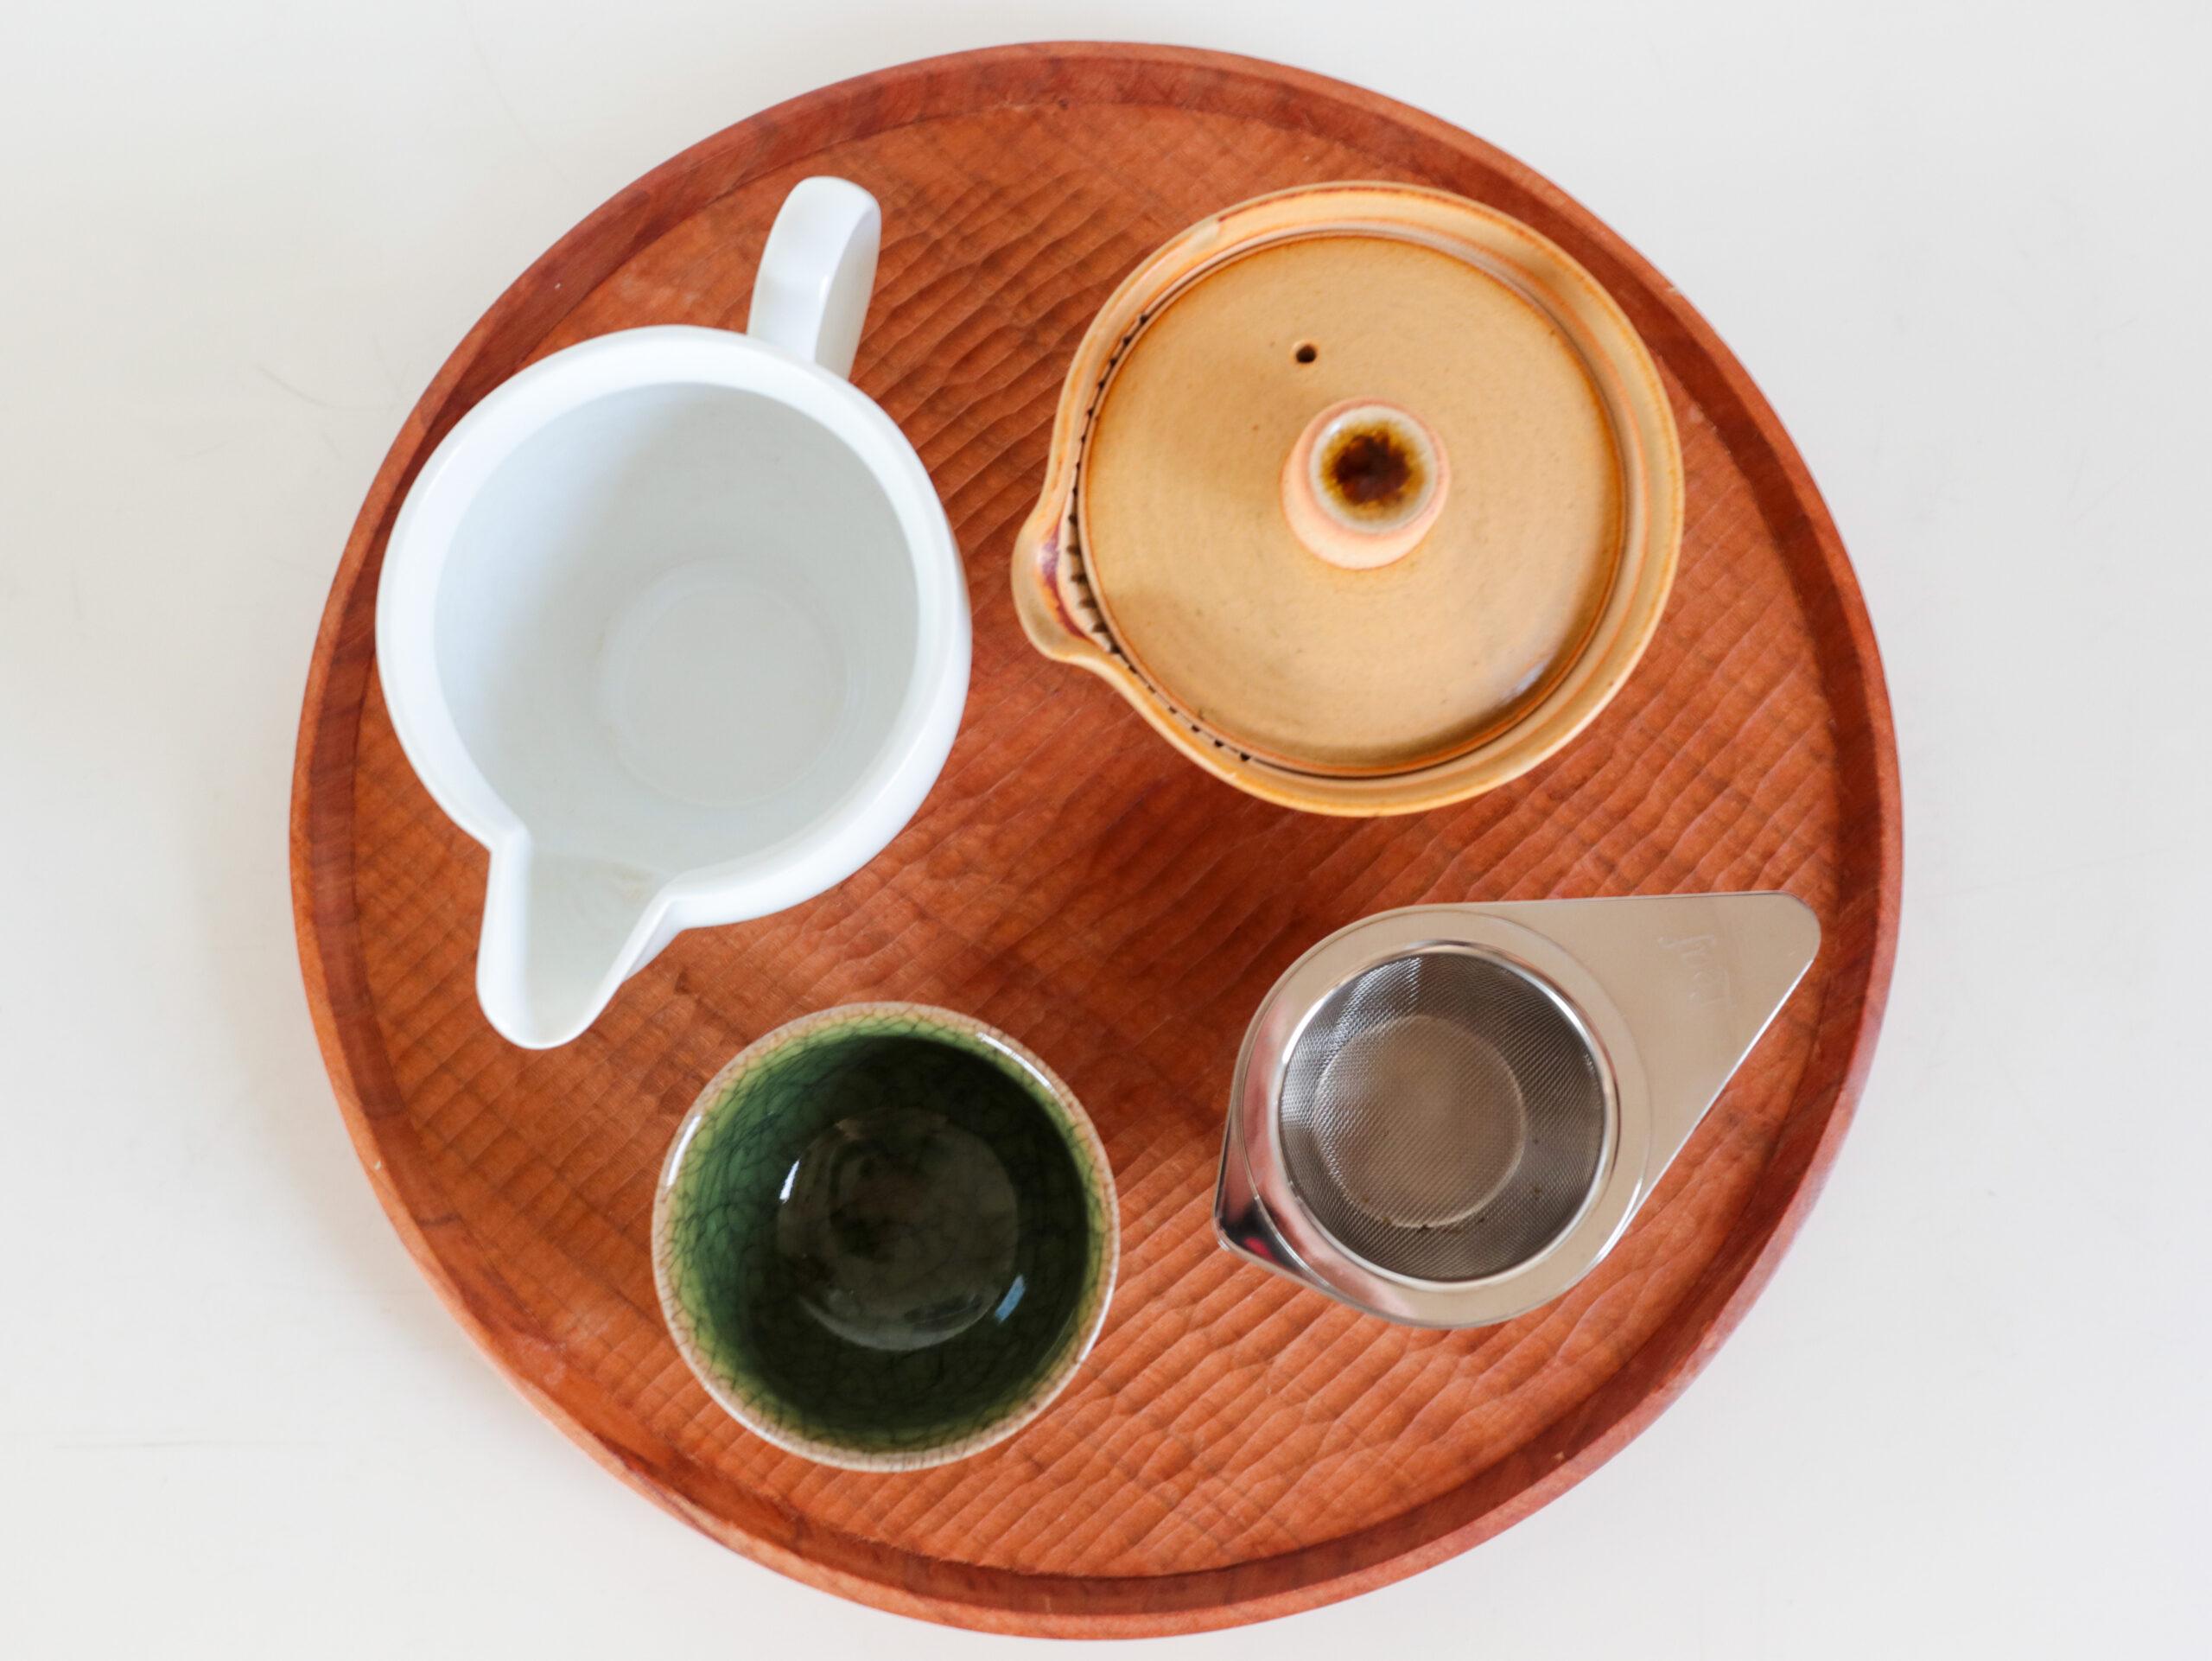 【ひとり専用お茶セット】お気に入りの道具や茶器で淹れるおいしい緑茶で、ほっとひといきティータイム